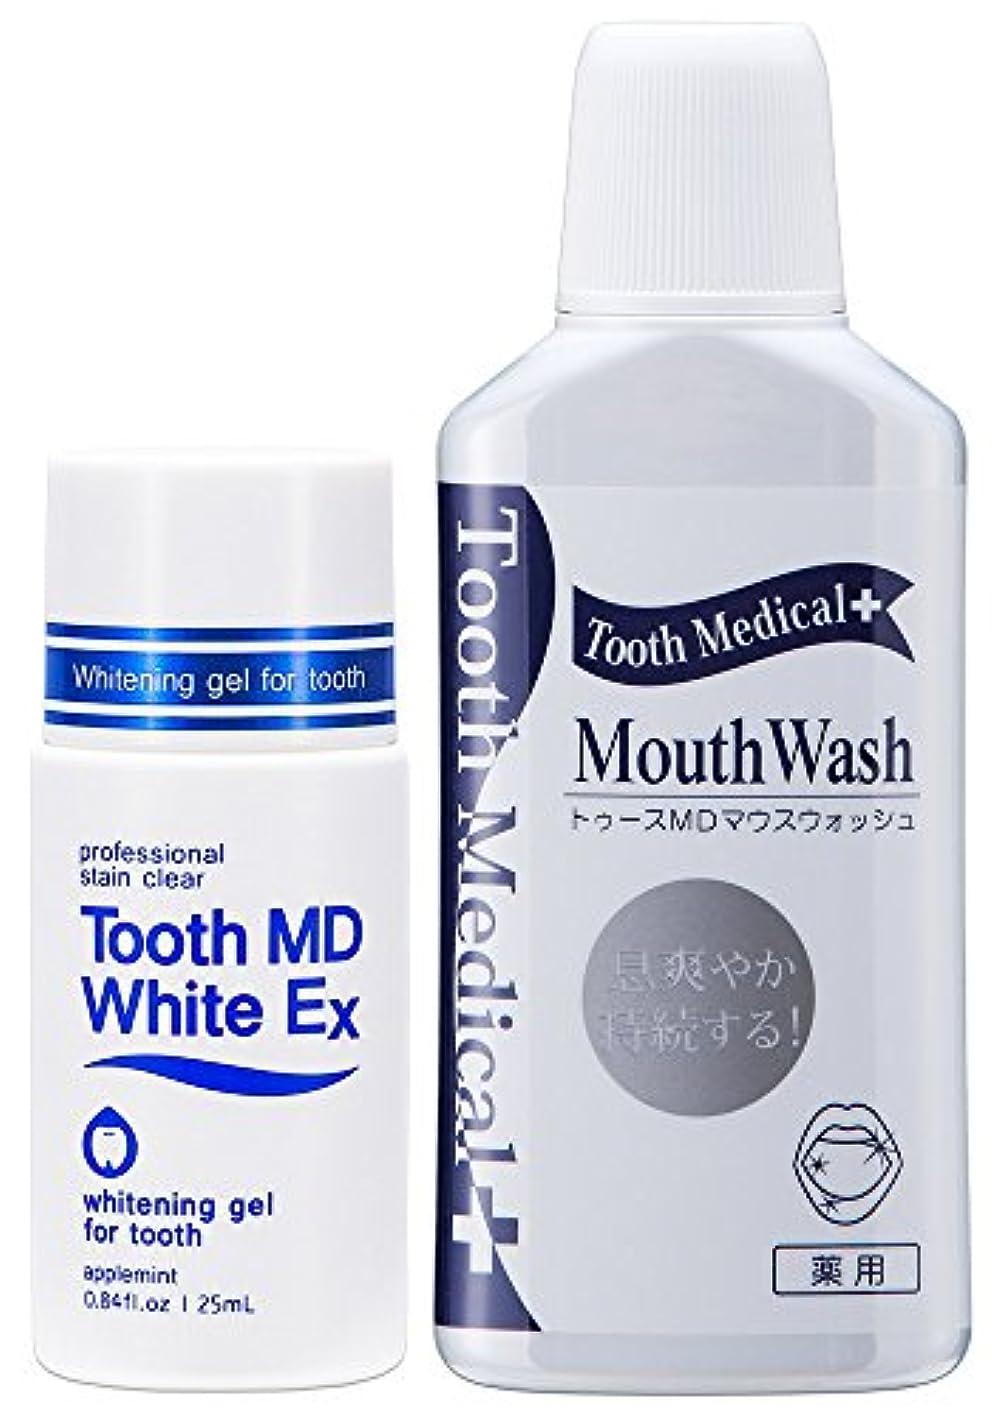 アフリカグレートバリアリーフ放棄トゥースMDホワイトEX+トゥースメディカルウォッシュ セット[歯のホワイトニング/口臭予防]